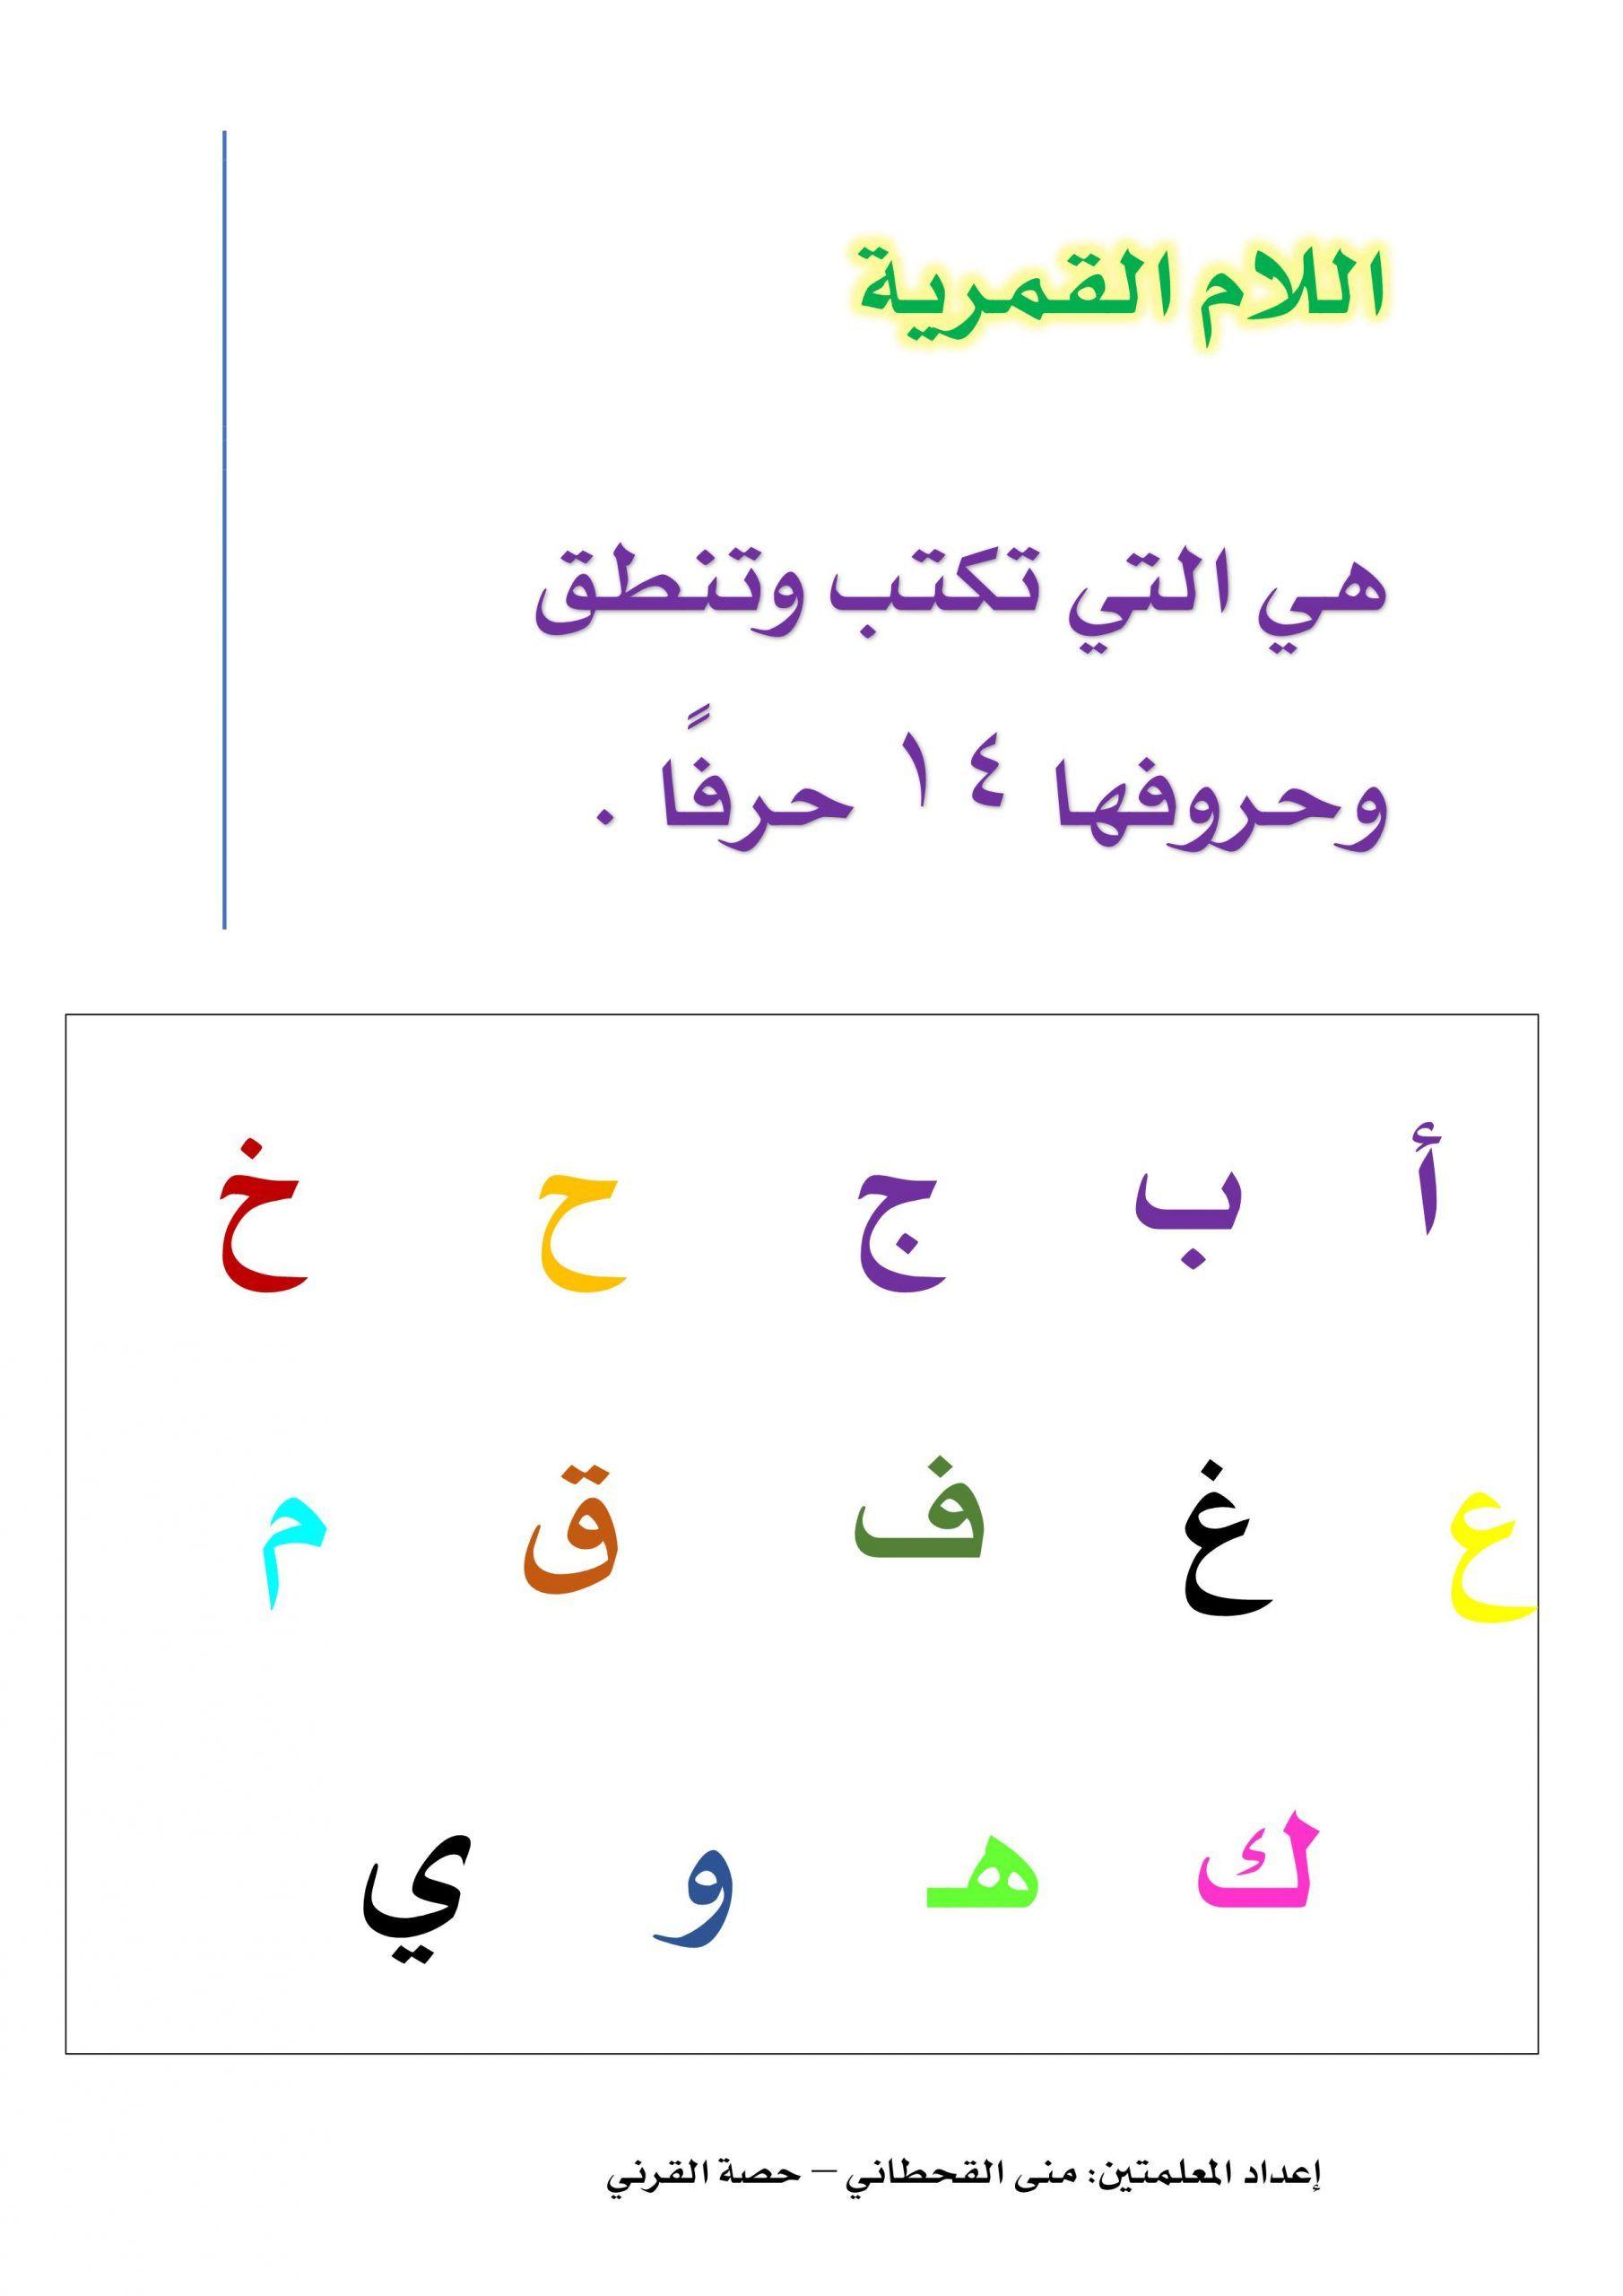 شرح كلمات اللام القمرية للصف الاول والثاني مادة اللغة العربية Arabic Quotes Quotes Math